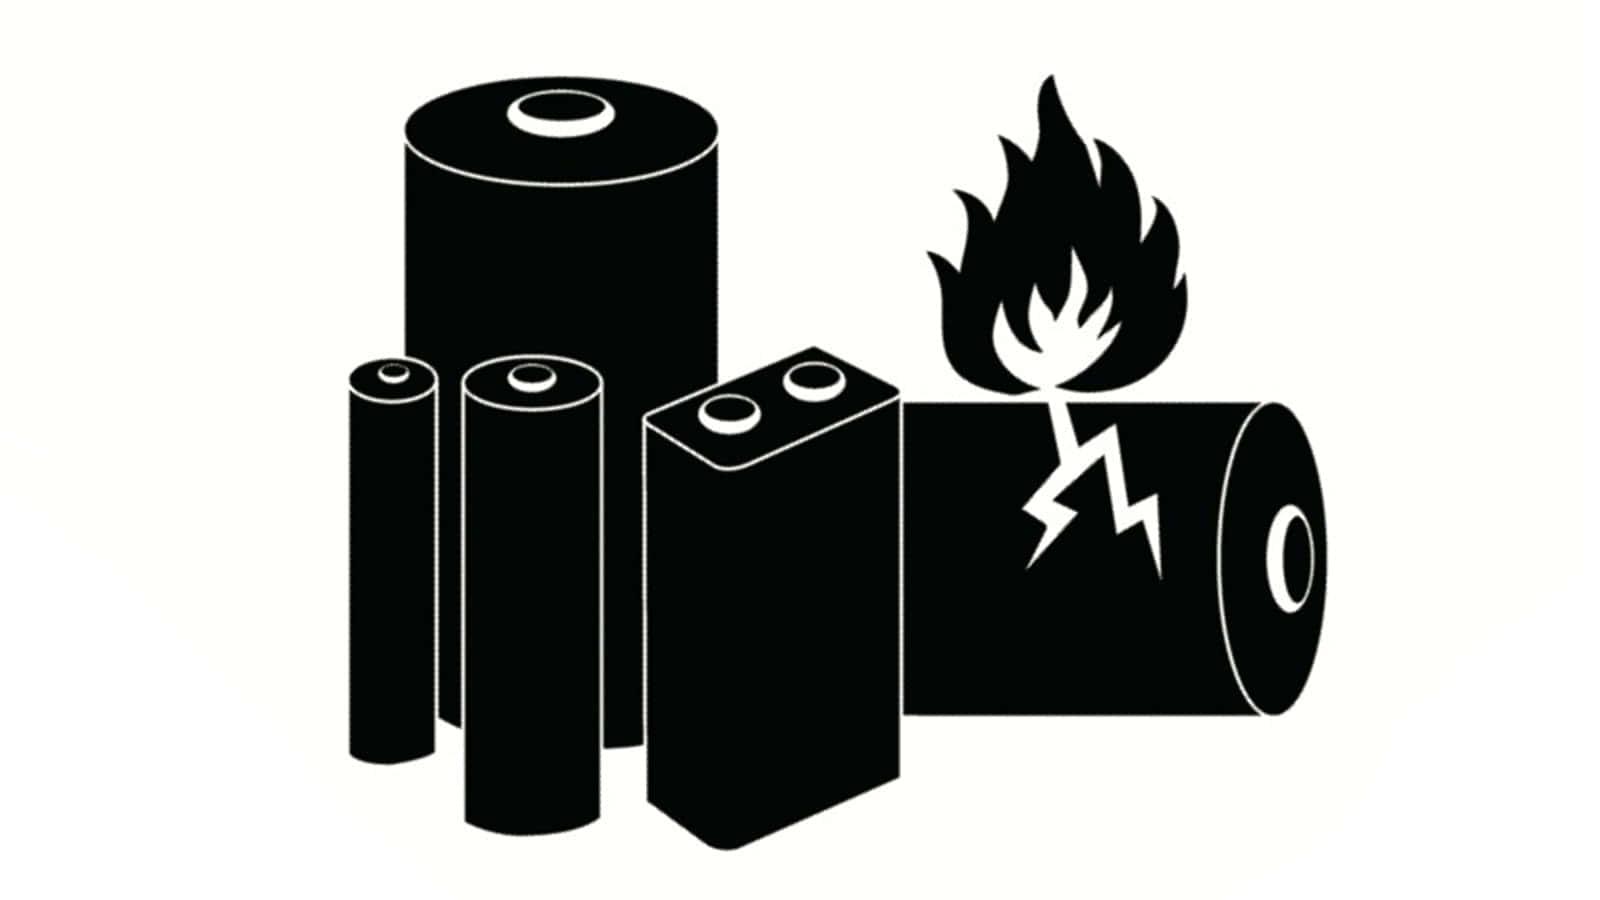 互換バッテリーはなぜ危険なのか、バッテリーセル・構造・販売の3つの観点で理解する